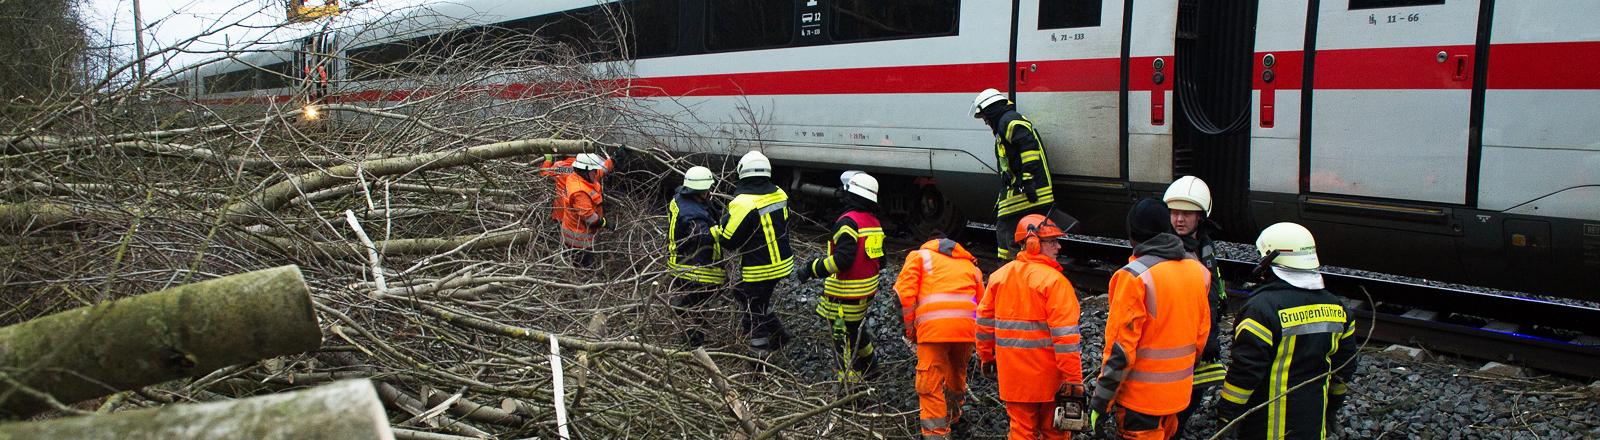 Feuerwehrleute stehen an einem haltenden ICE und räumen umgestürzte Bäume aus dem Weg